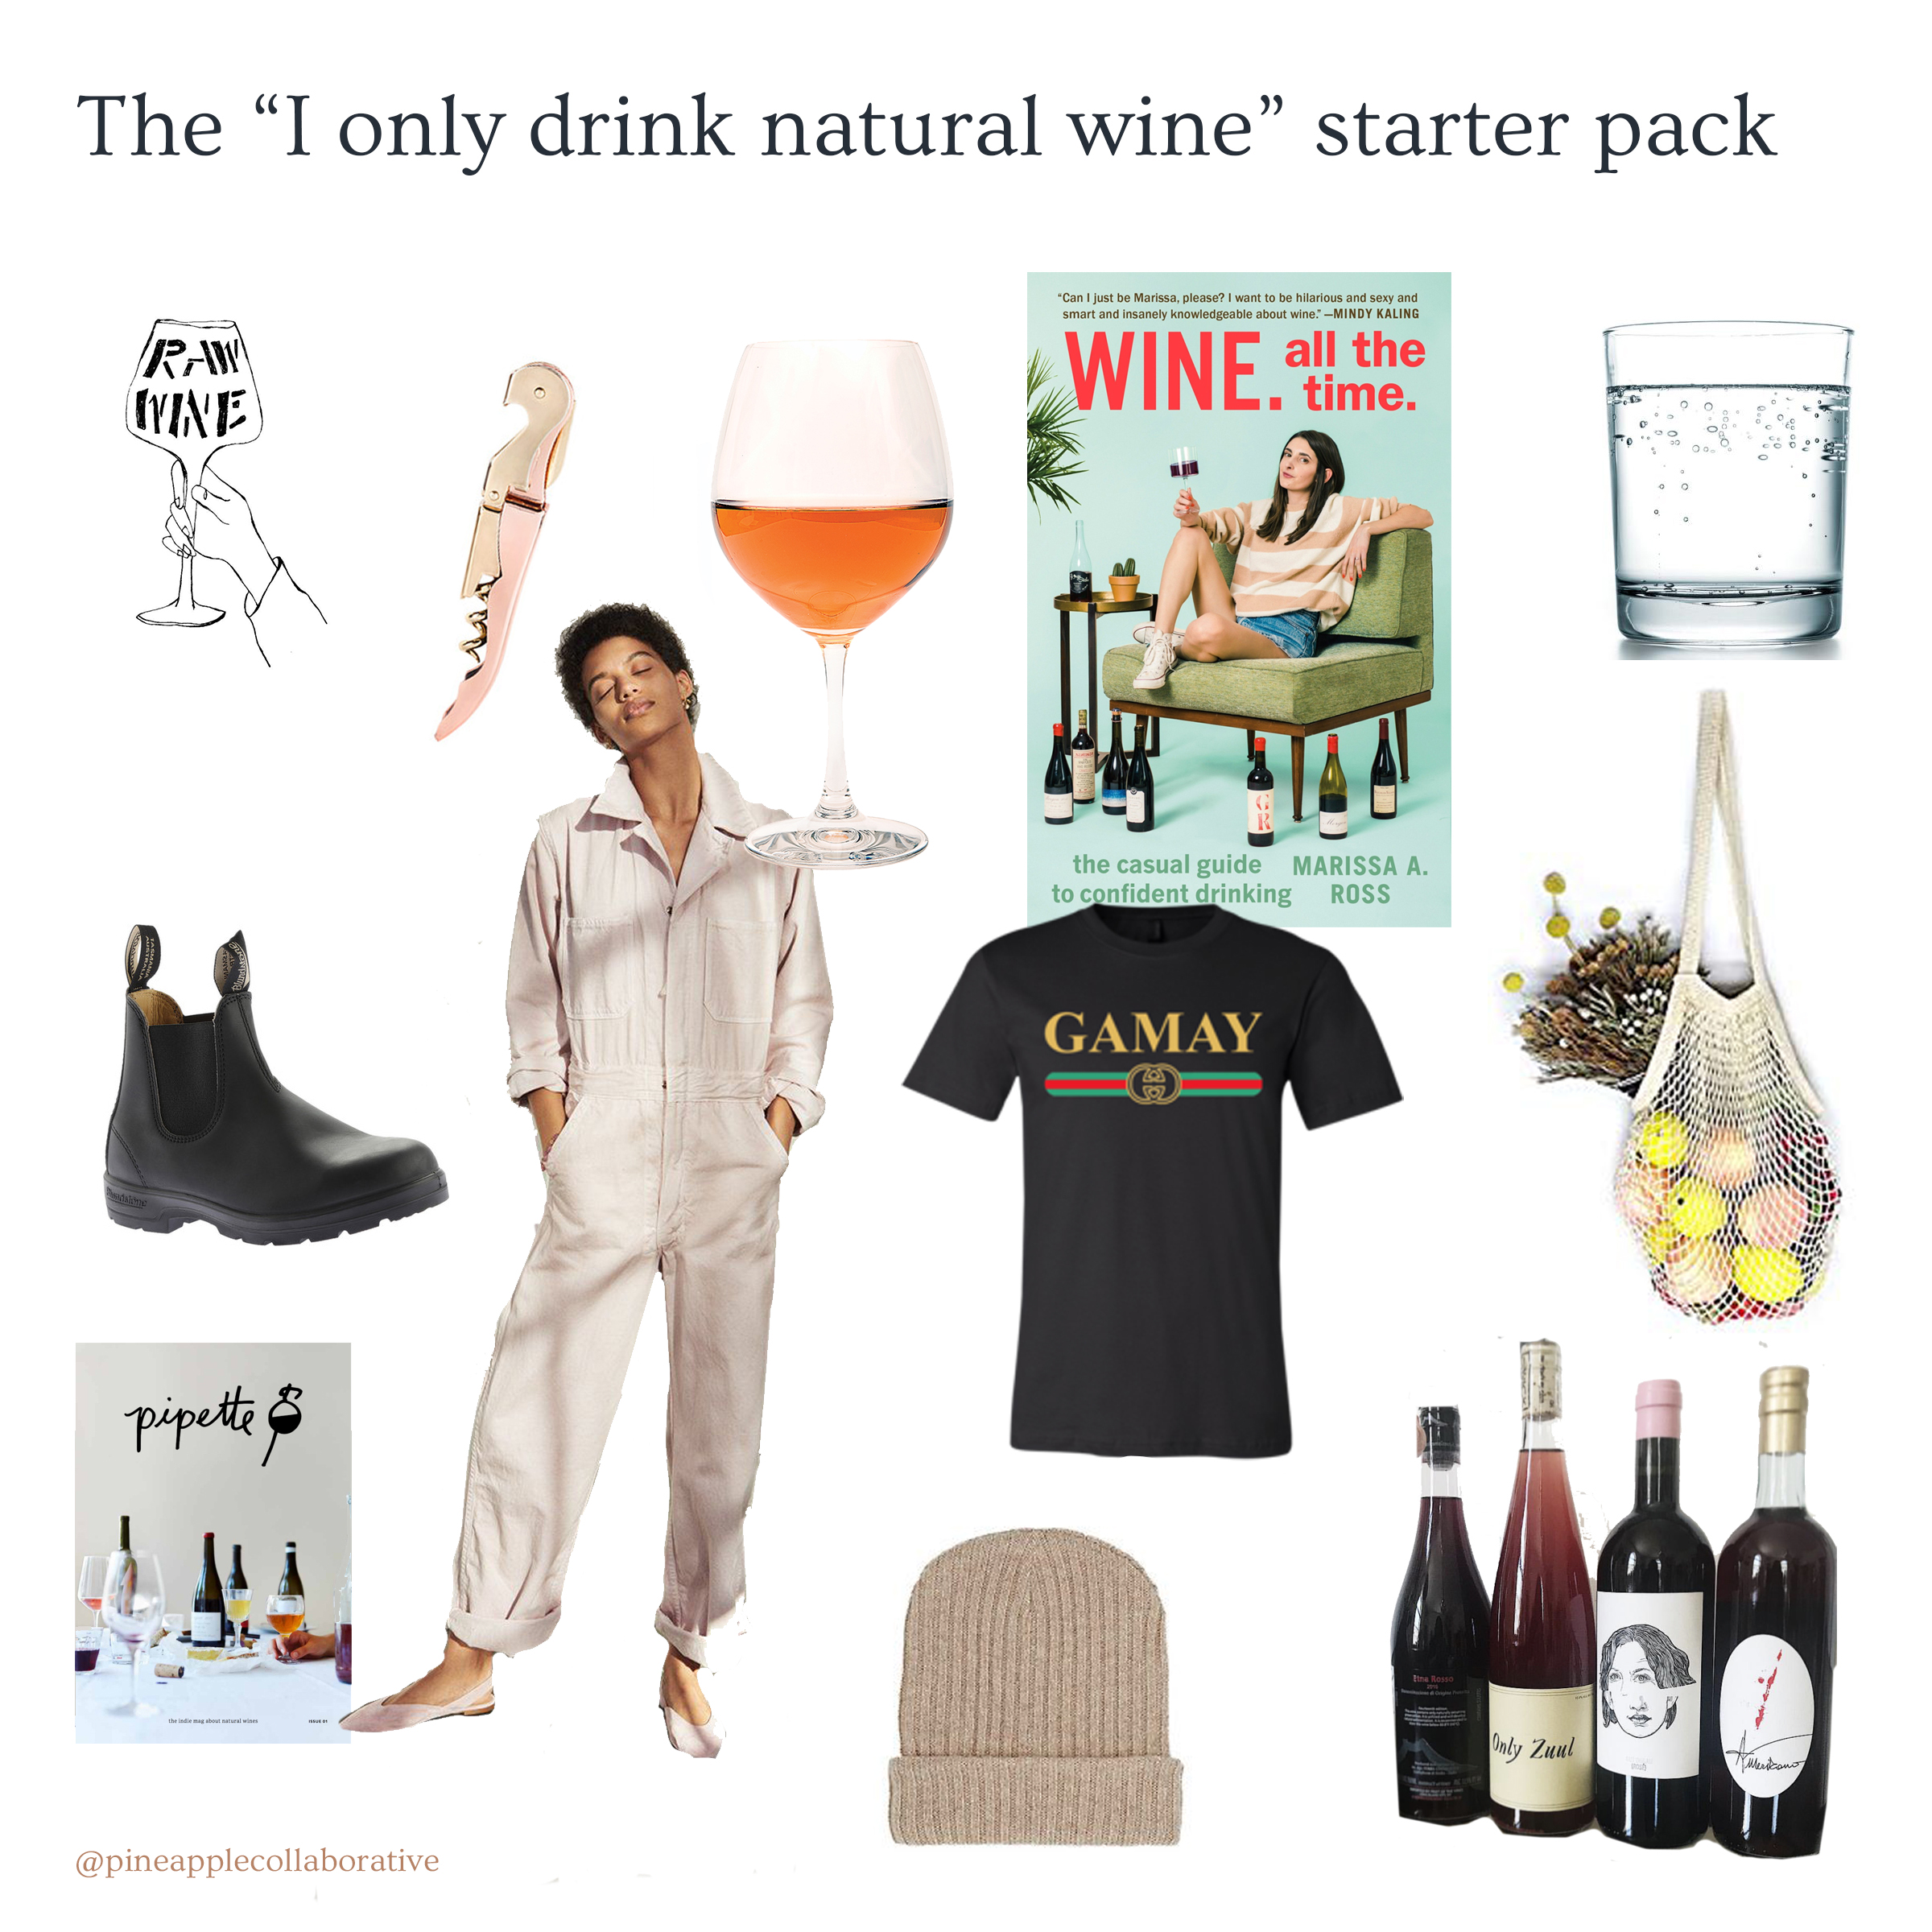 winenaturally.jpg